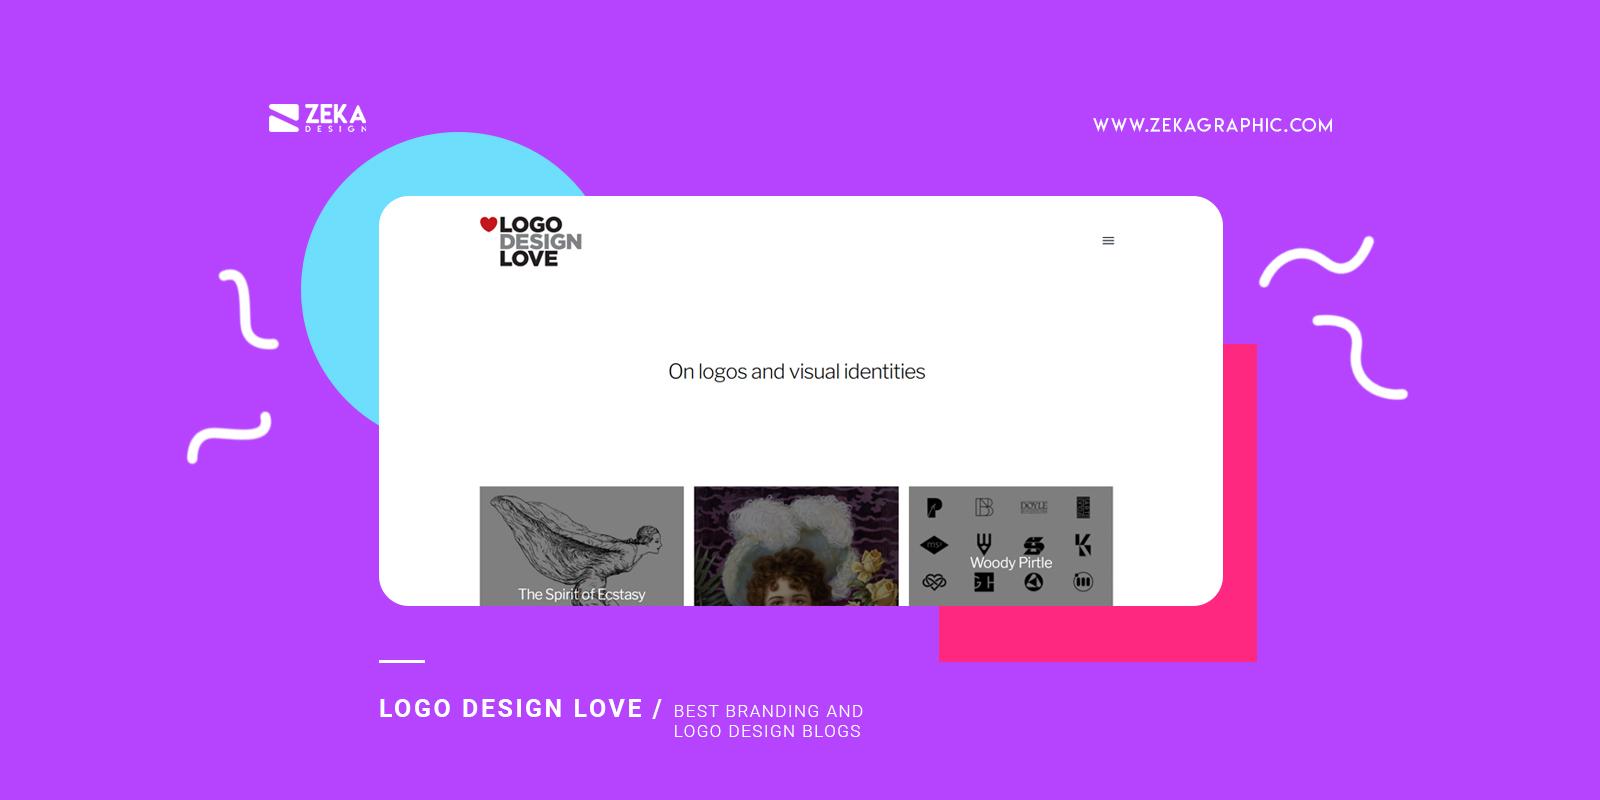 Logo Design Love Best Branding and logo design blogs